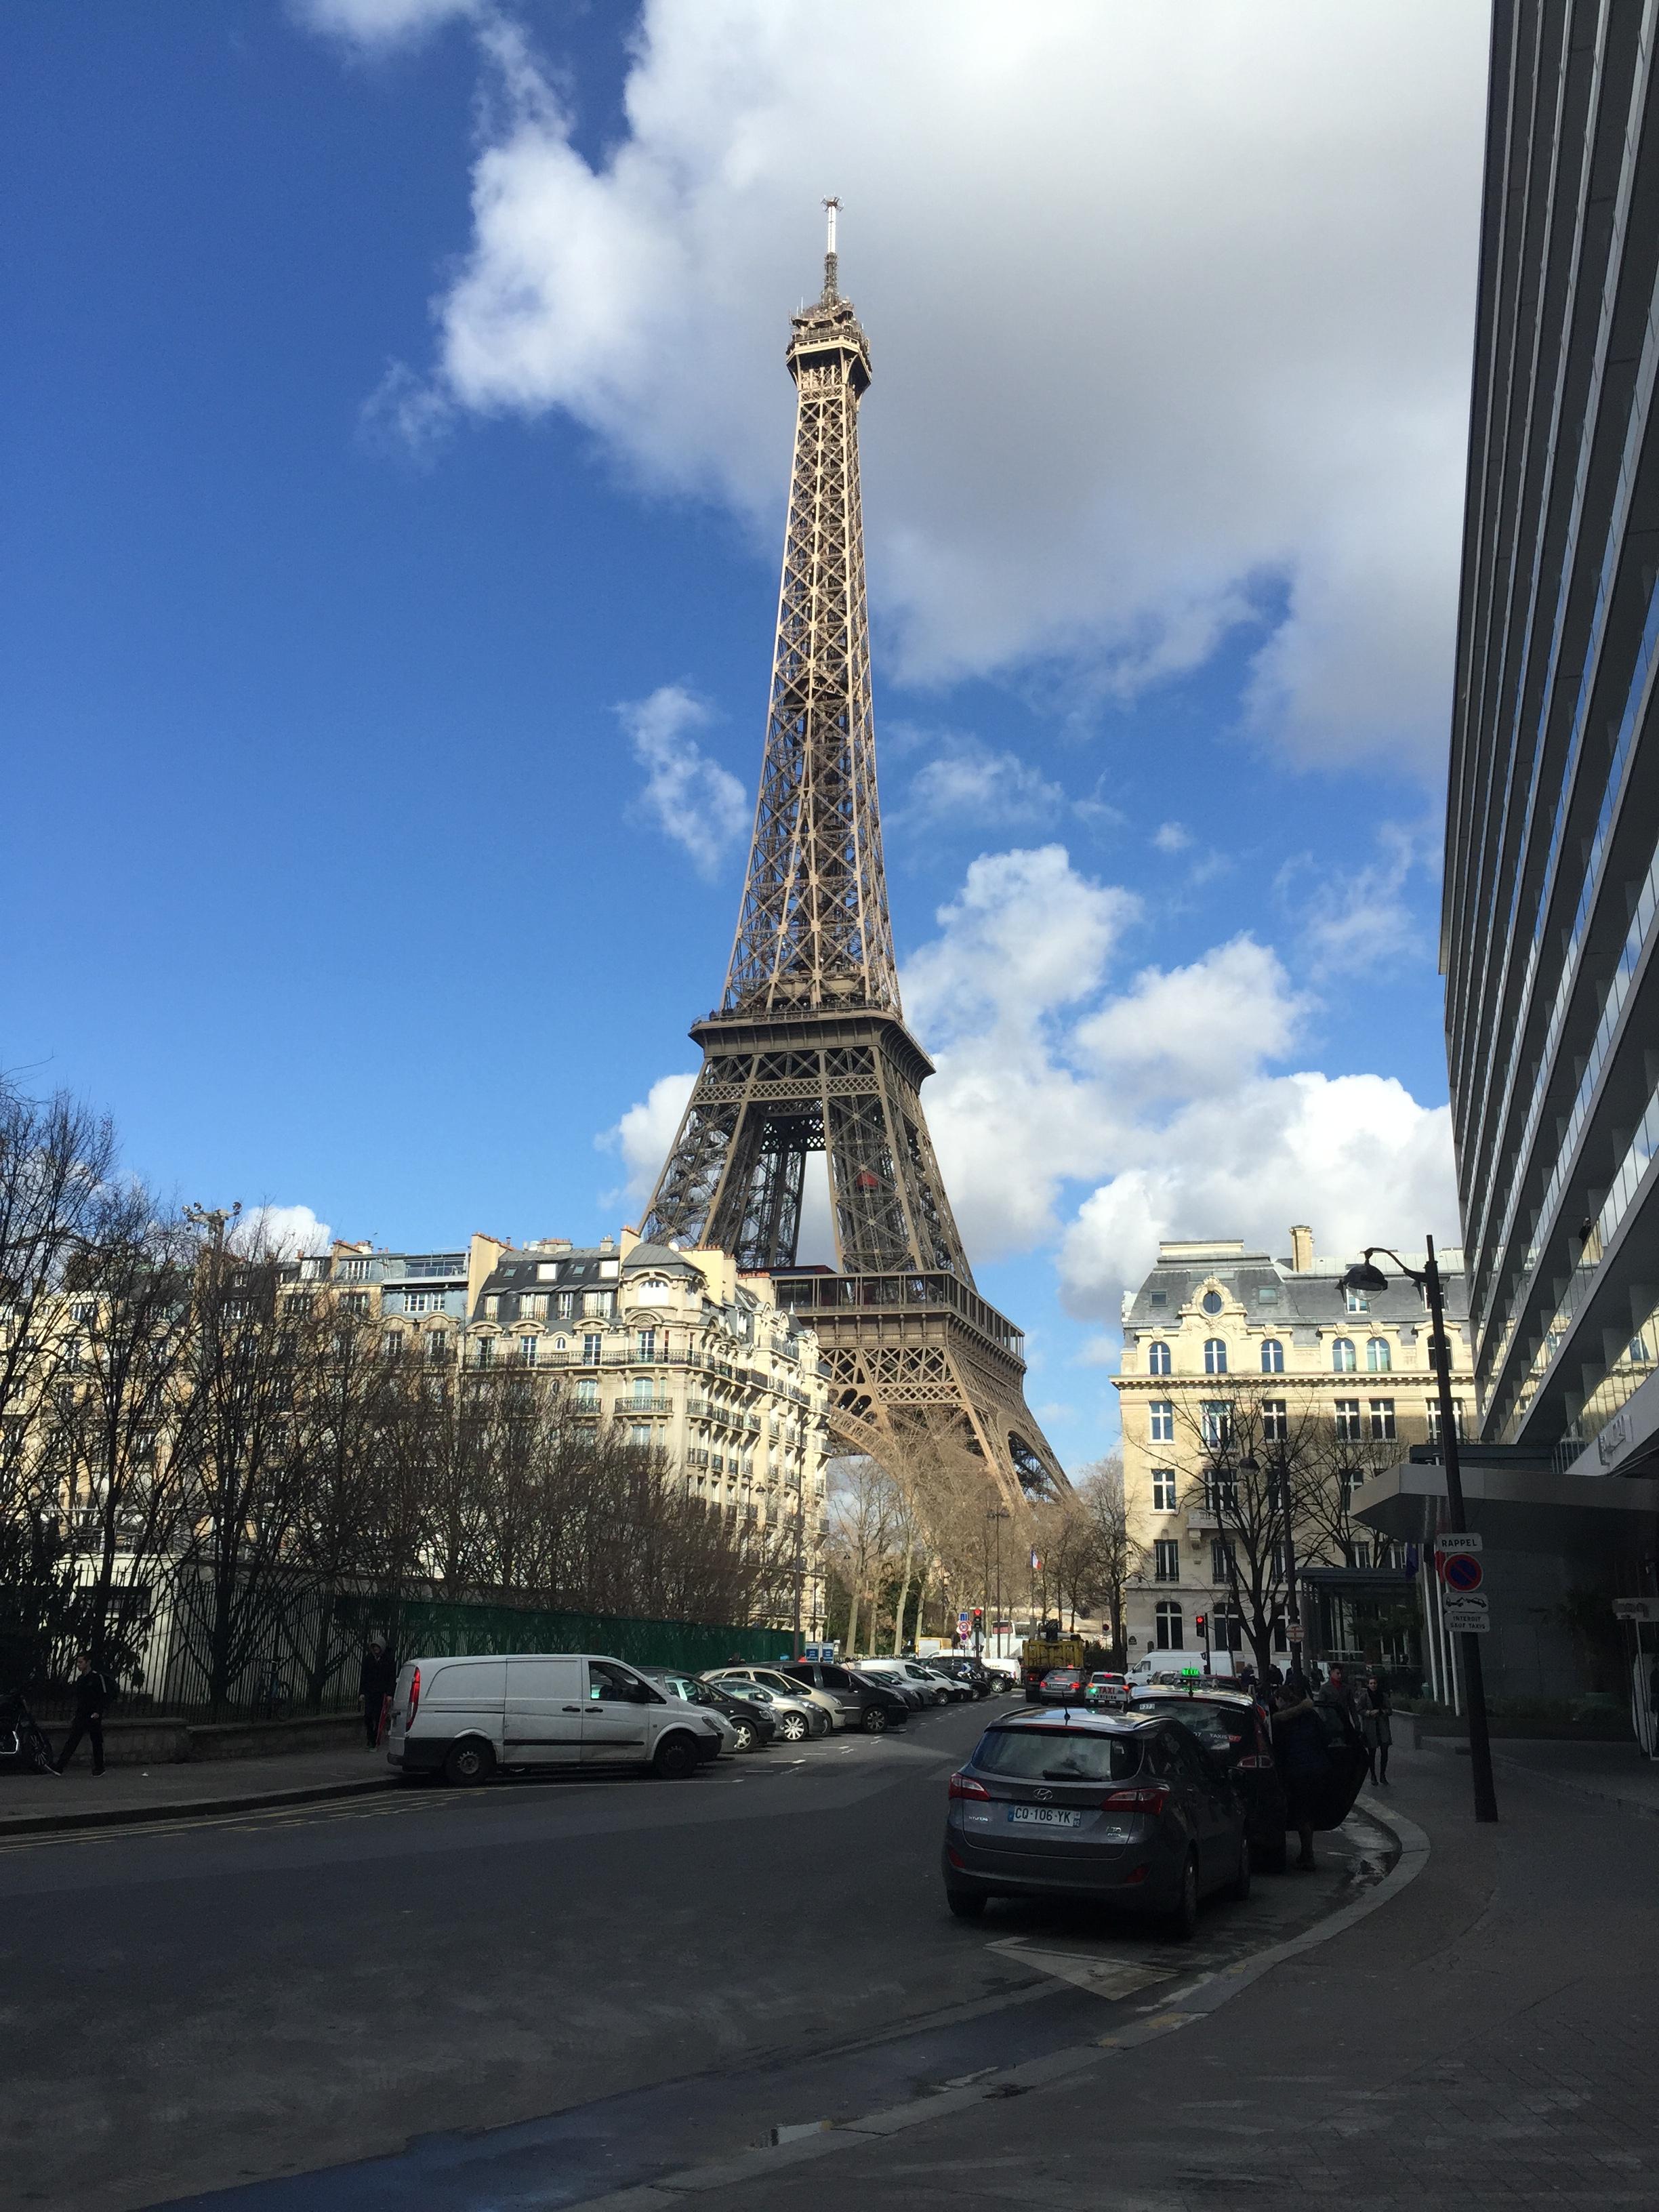 """Вид на Эйфелеву башню от отеля. Дома прекрасные представители """"Османовского Парижа""""."""